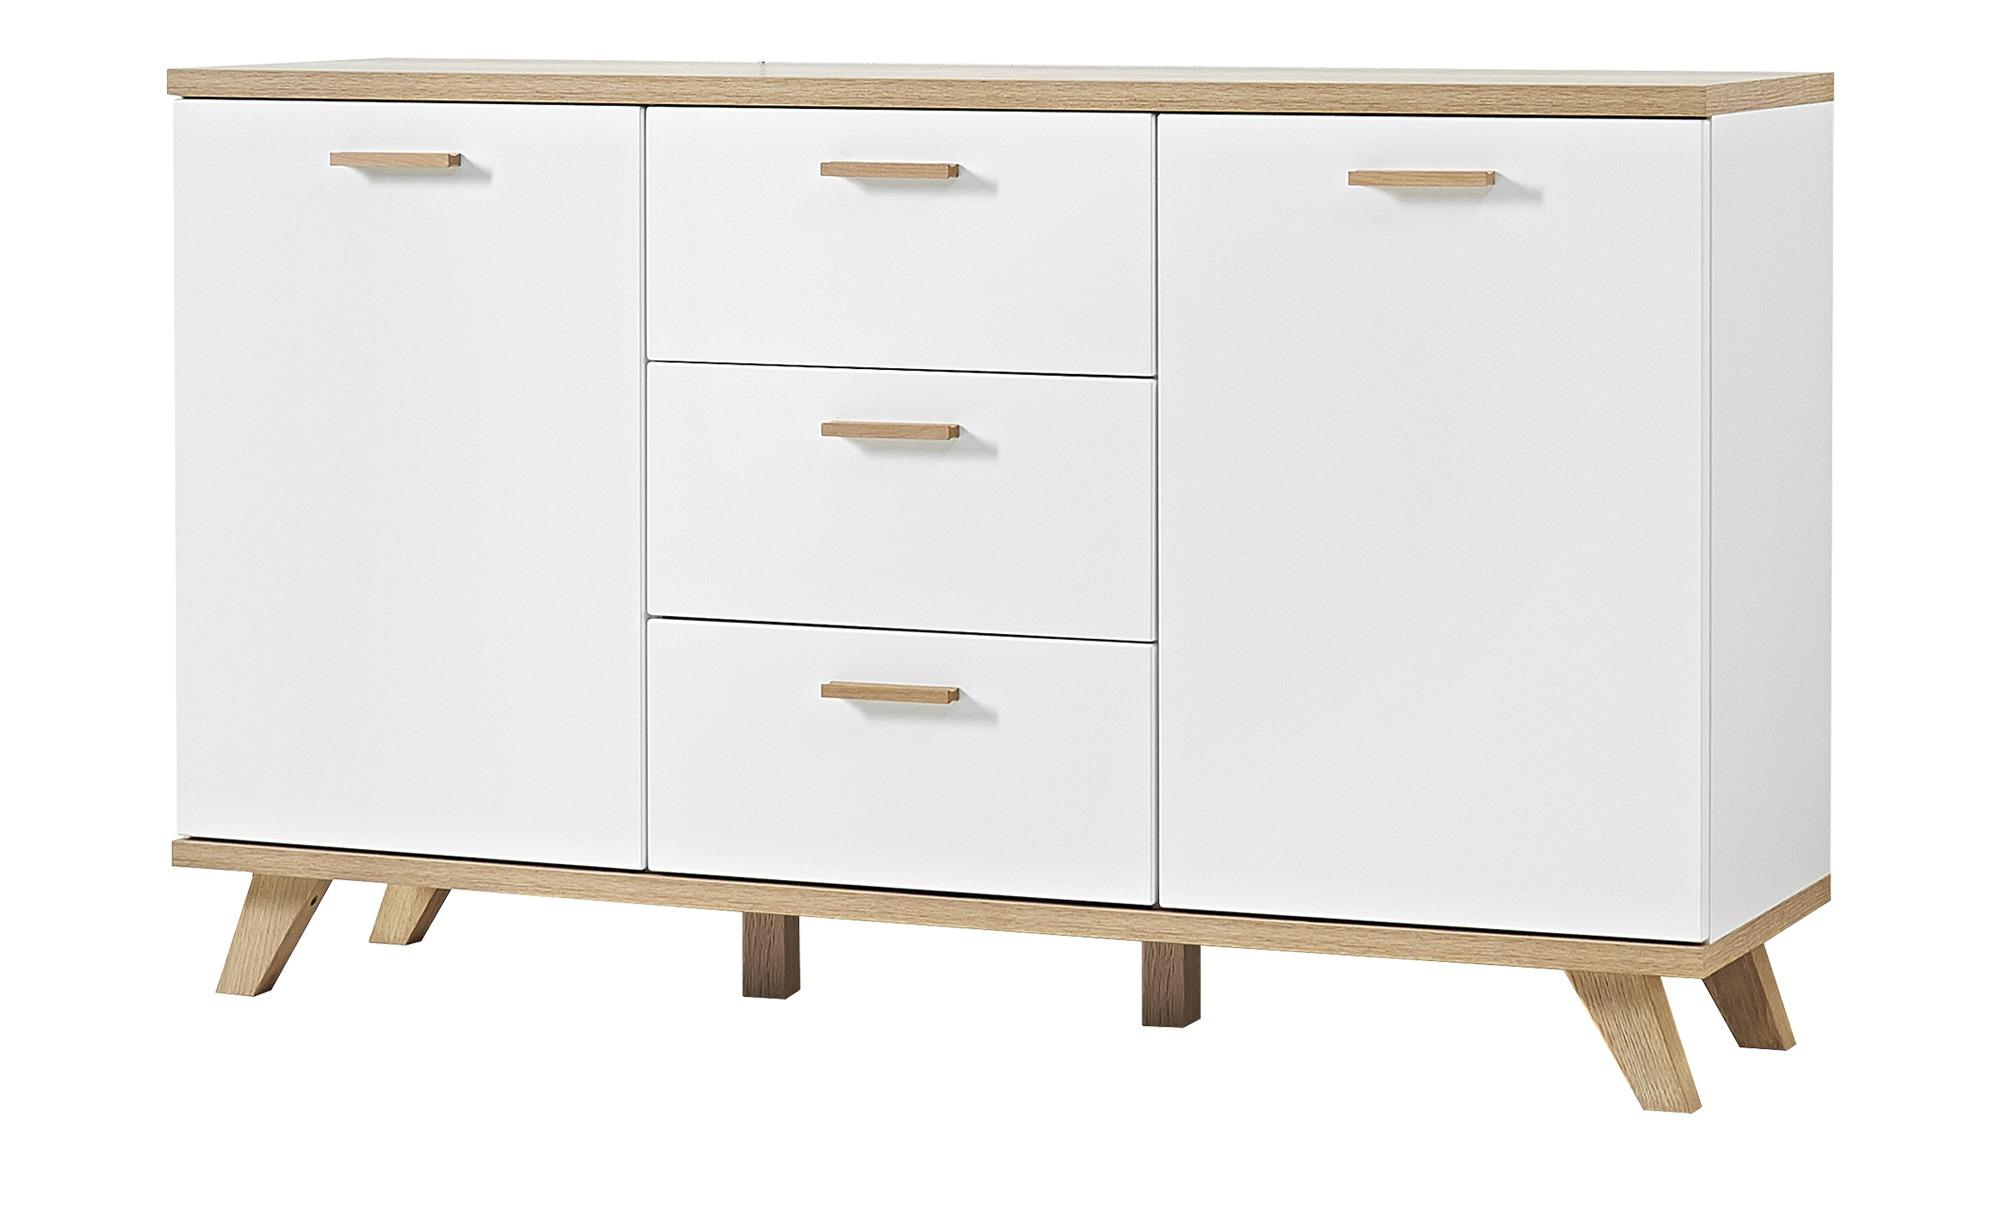 Sideboard Gw Oslo Products In 2019 Sideboard Weiss Schrankmobel Und Kommode Schwarz Weiss